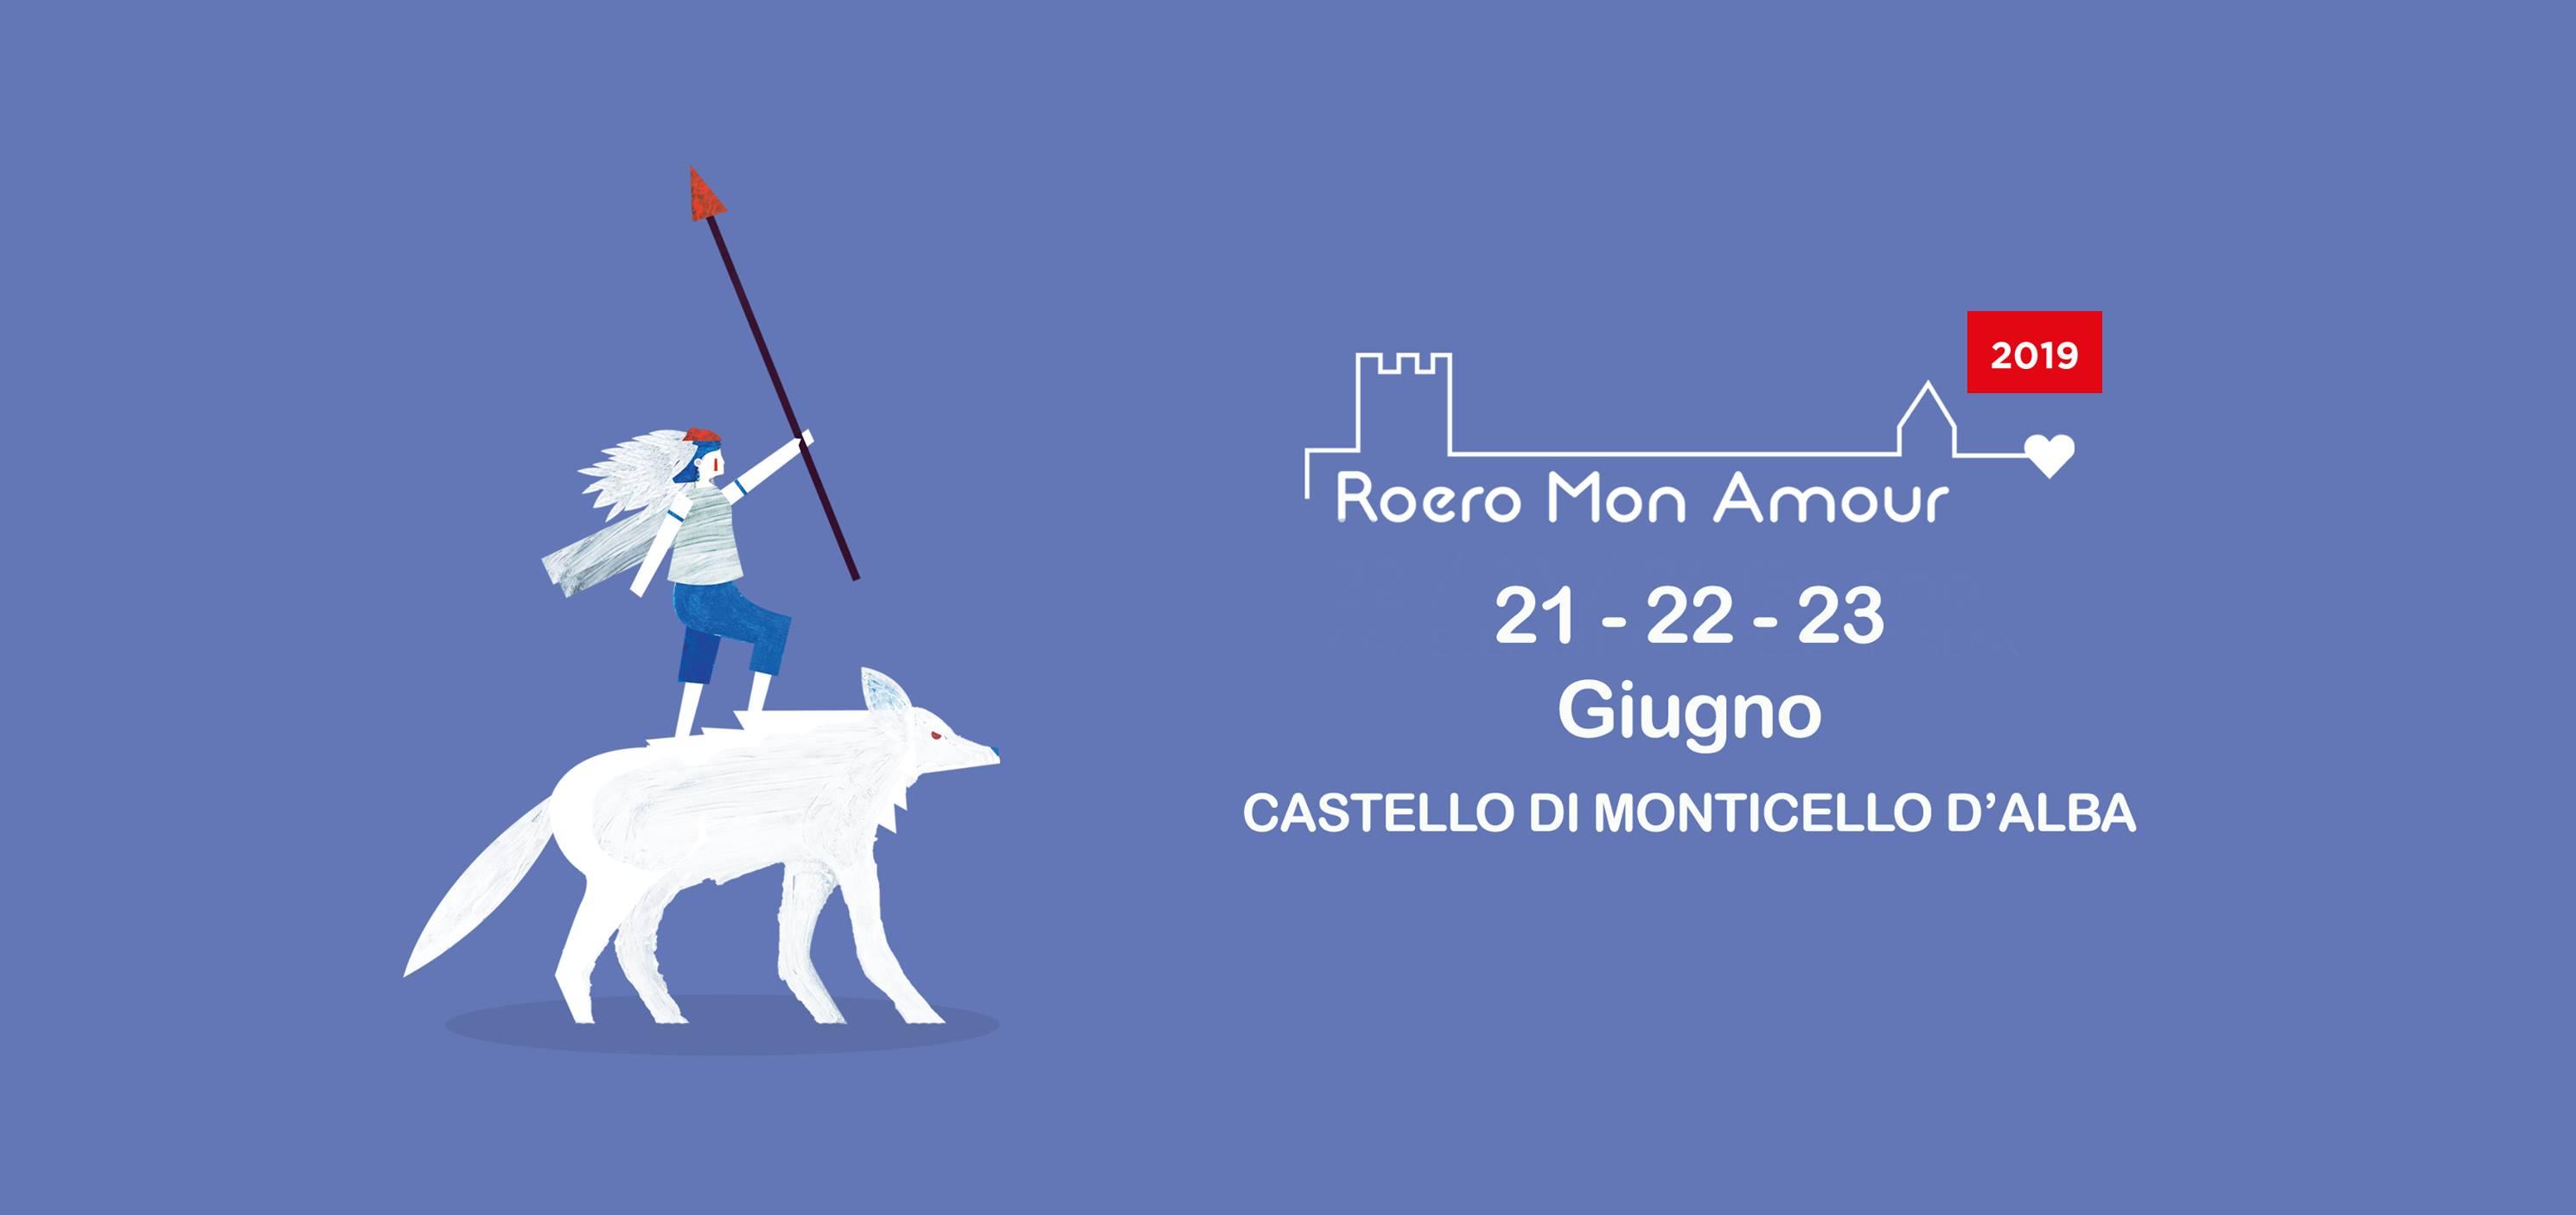 Roero Mon Amour - Castello di Monticello D'Alba